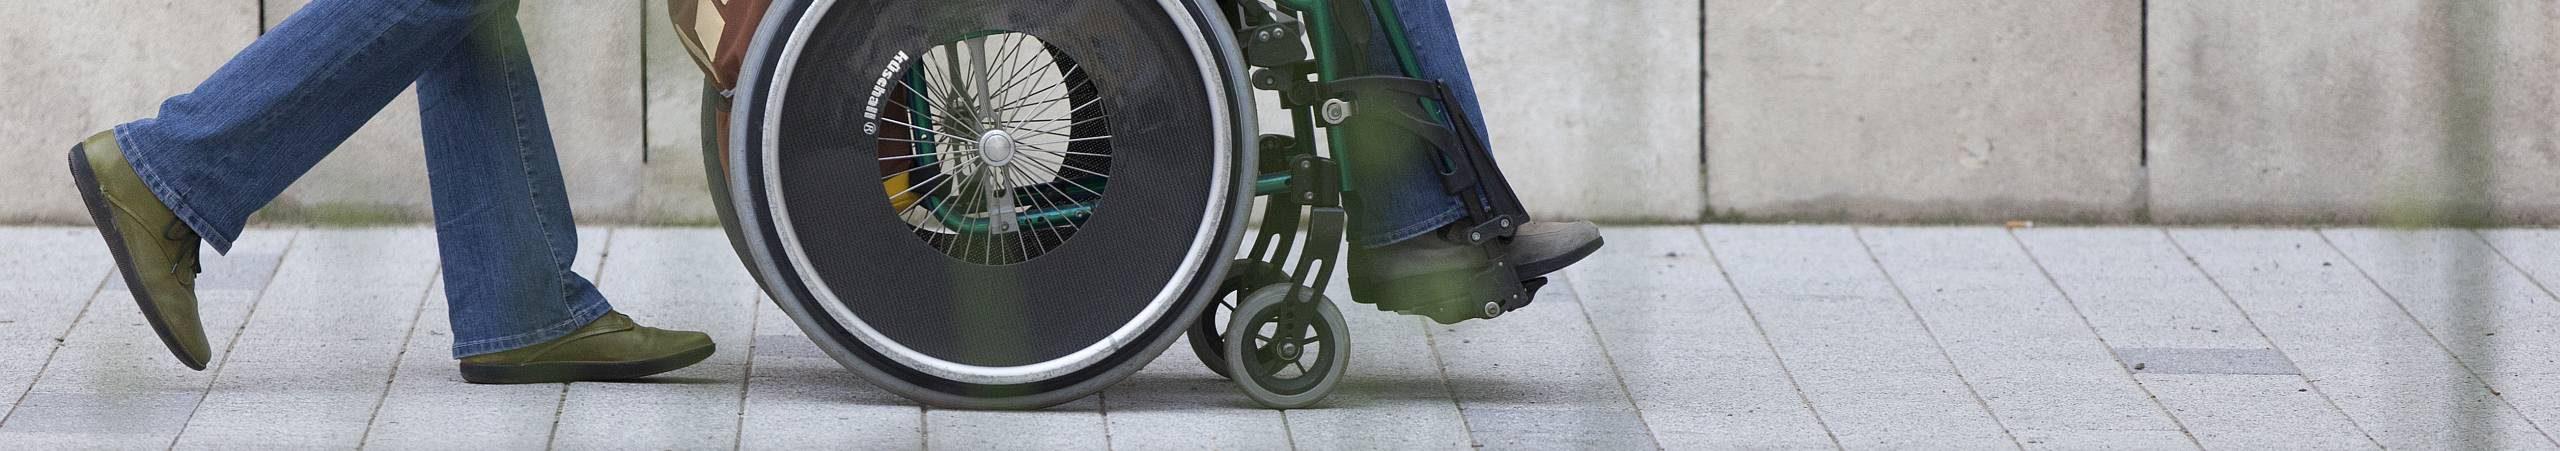 Ein Fußgänger fährt mit einem Rollstuhlnutzer durch die Stadt. Foto von Sebastian Philipp